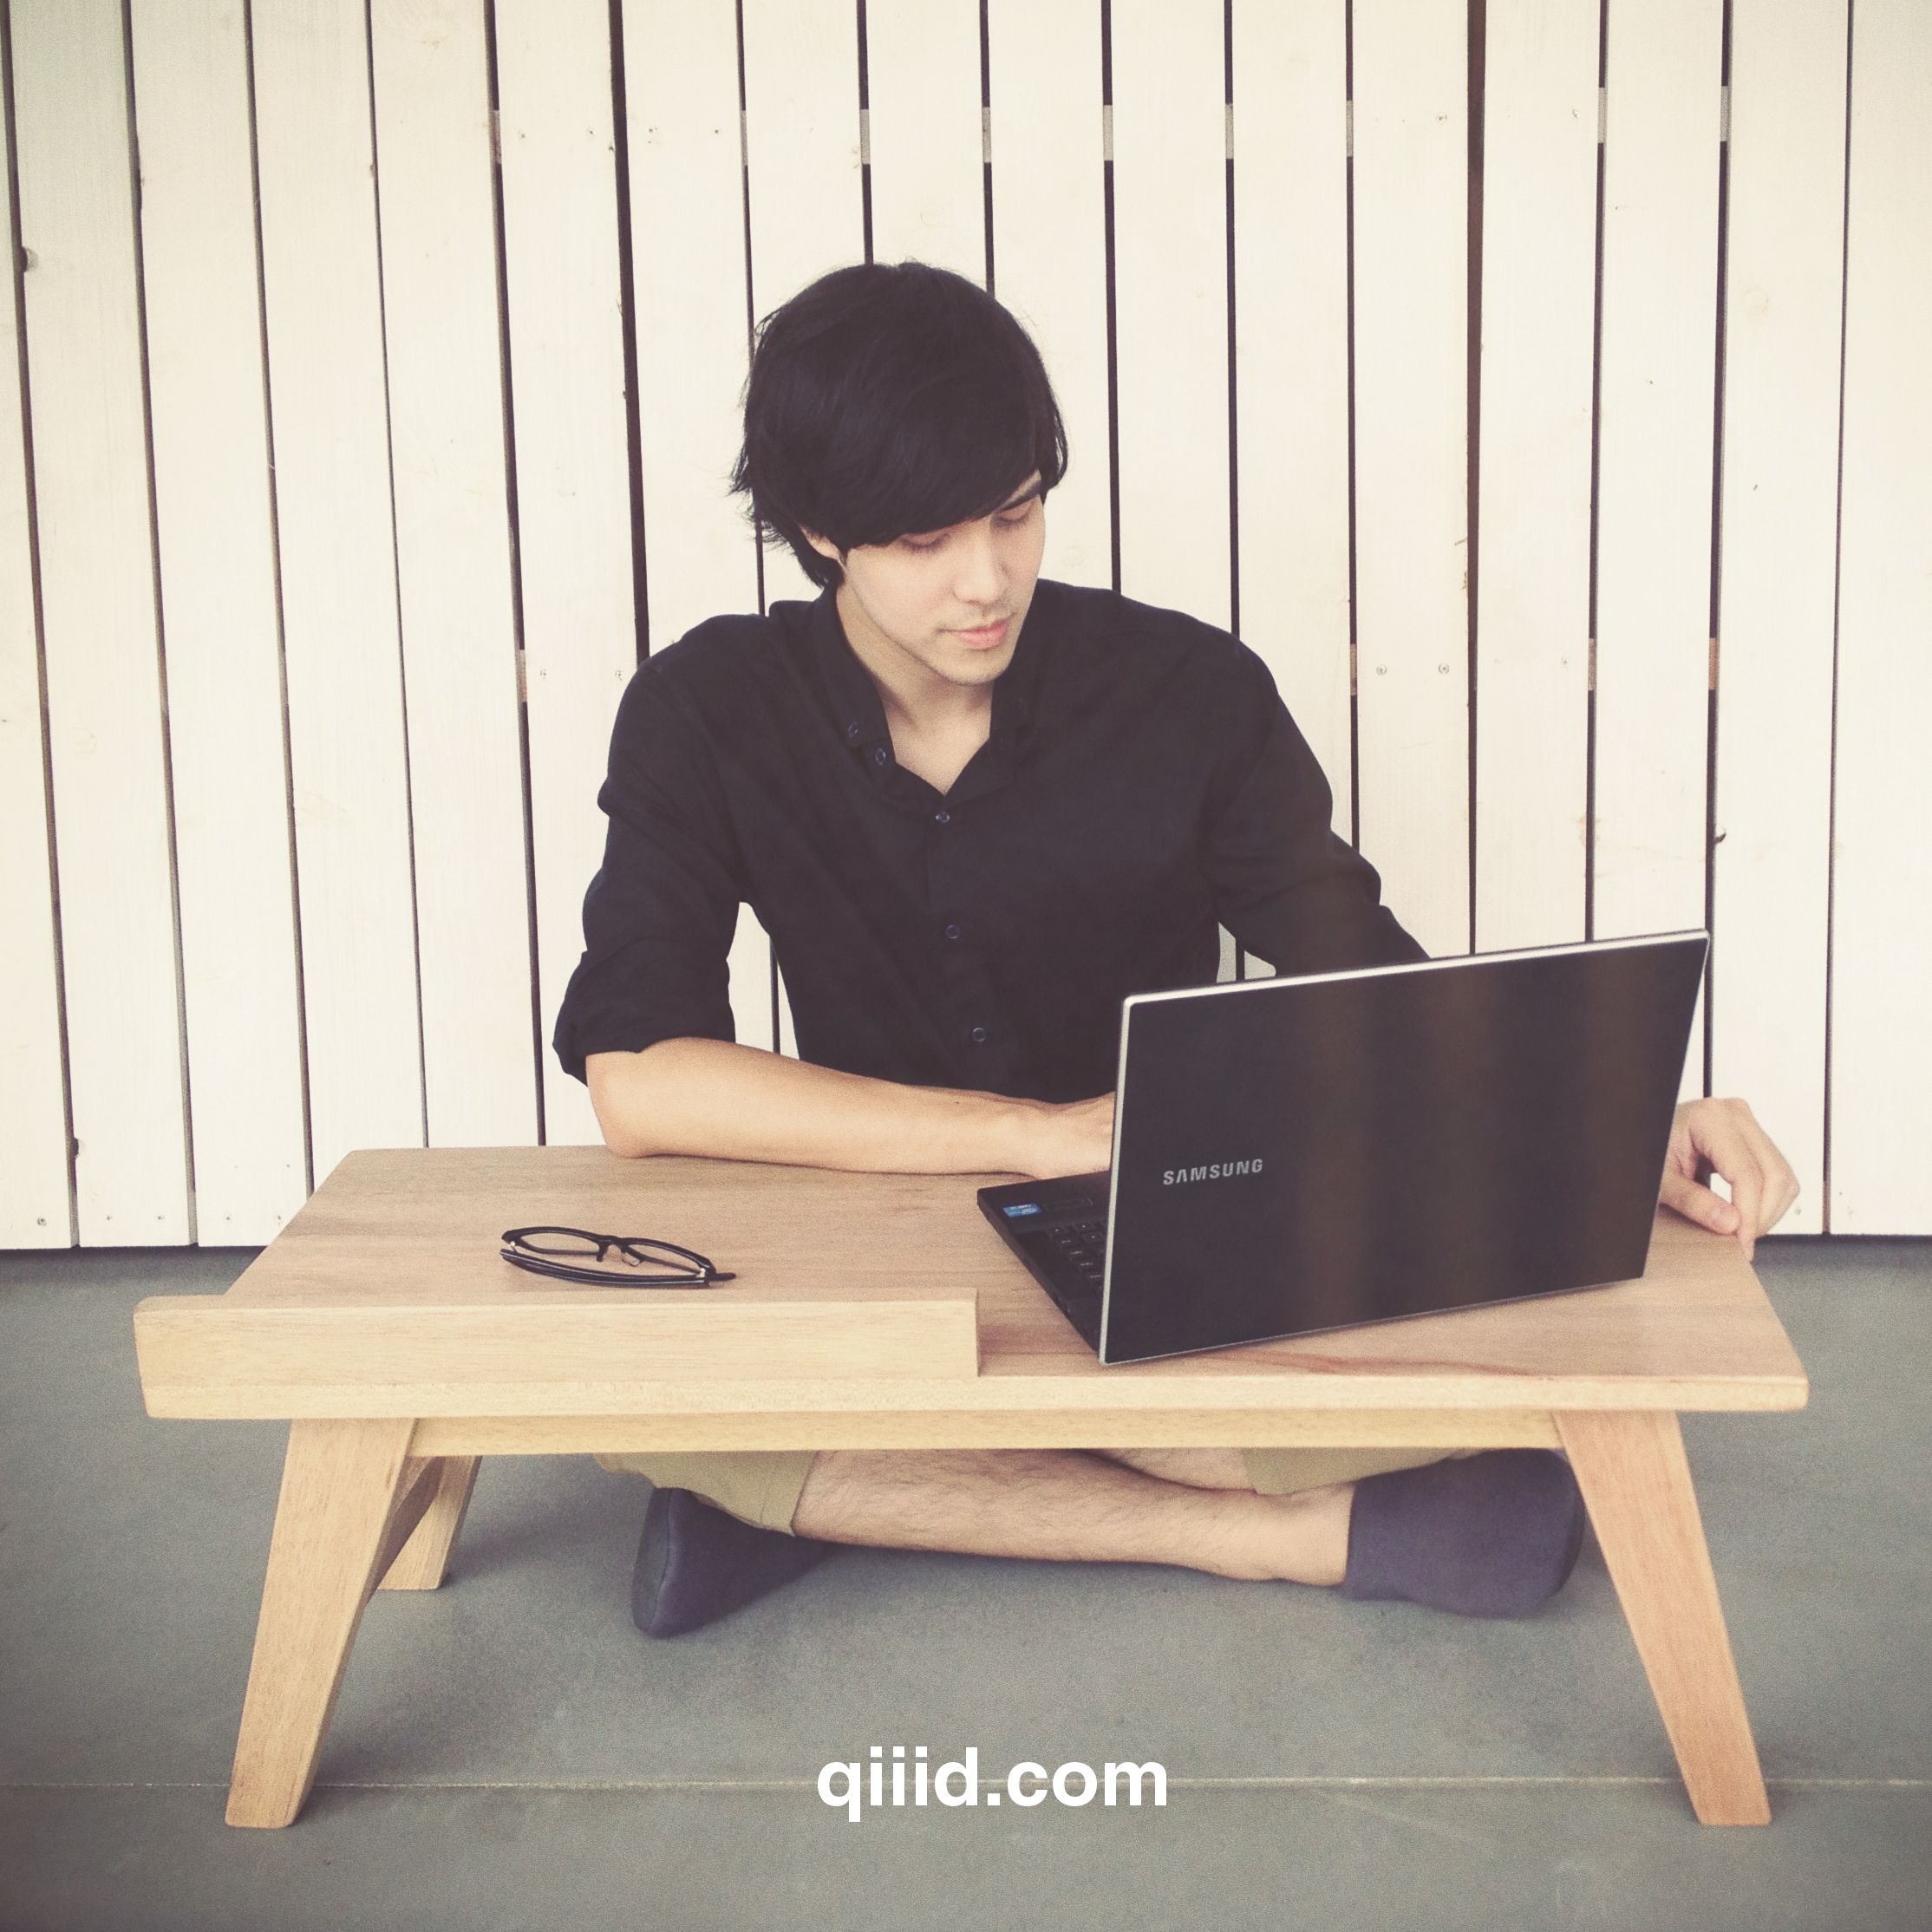 Www Qiiid Com In 2019 Floor Desk Floor Sitting Bamboo